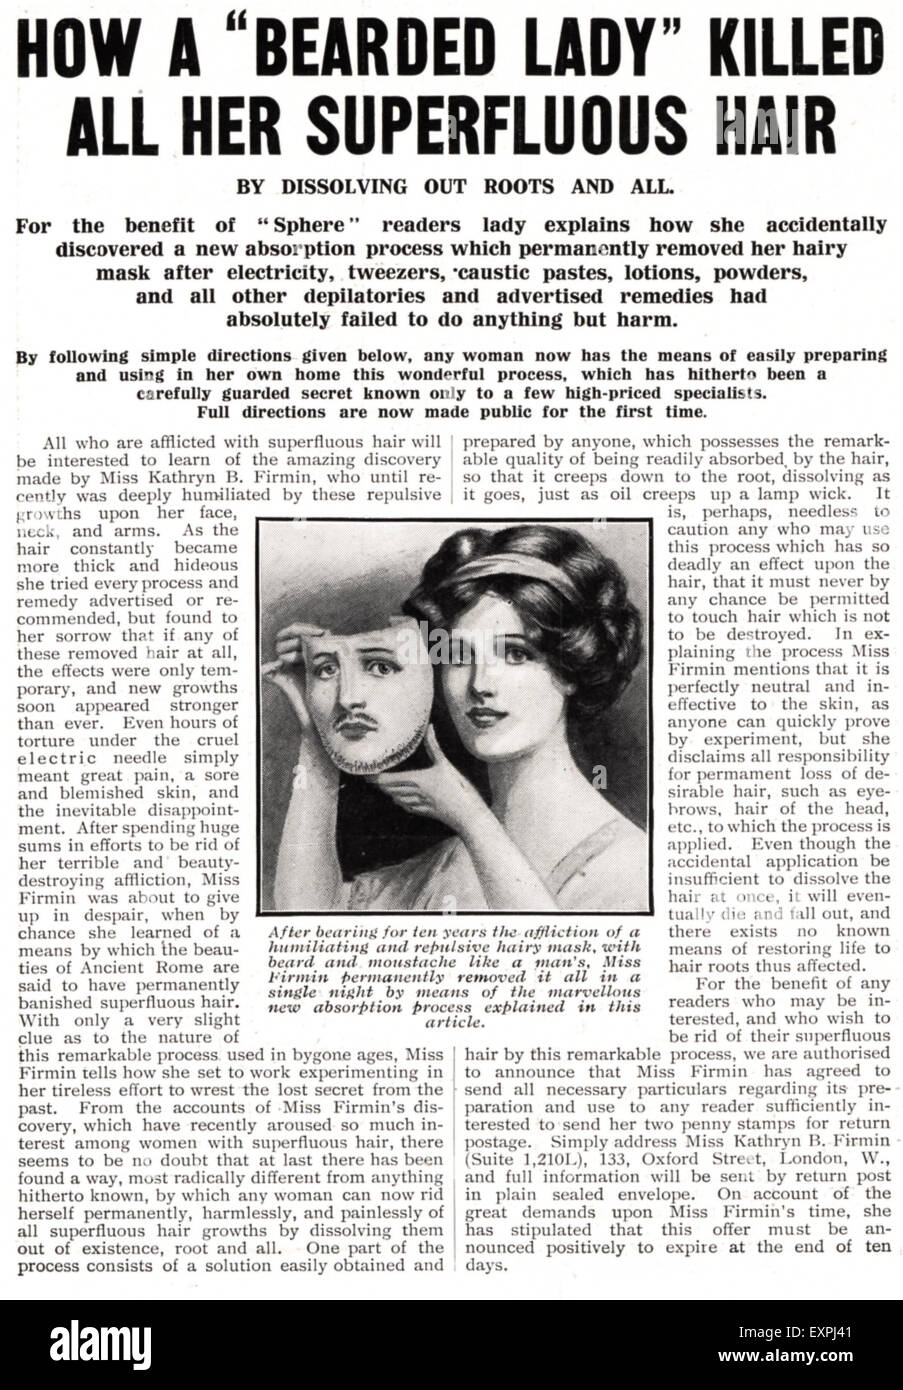 1910s UK Bearded Lady Magazine Advert - Stock Image